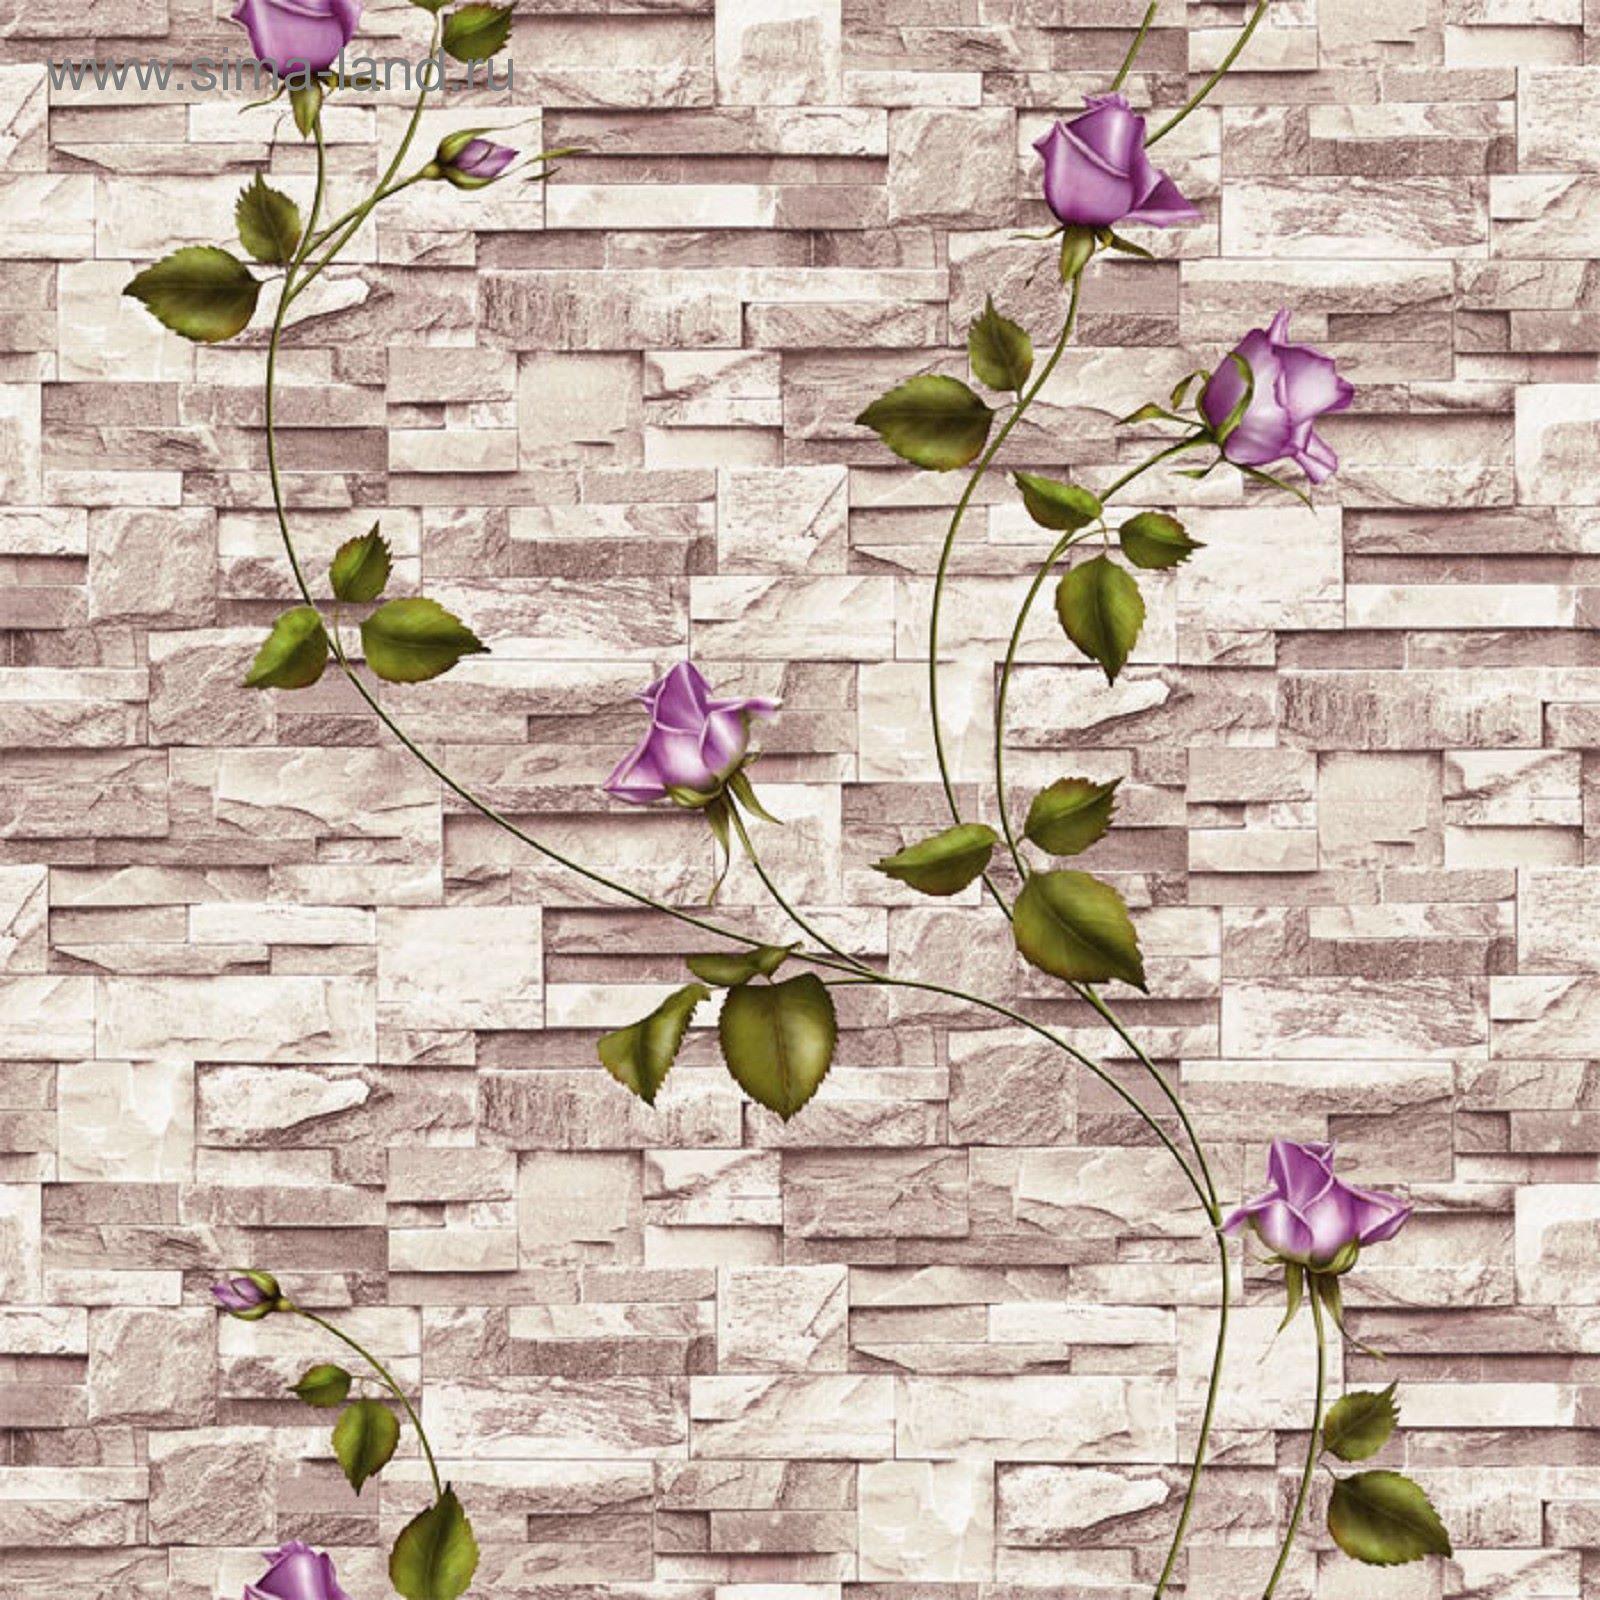 Где купить цветы саратов обои, свадебный букет из 10 роз и хризантем